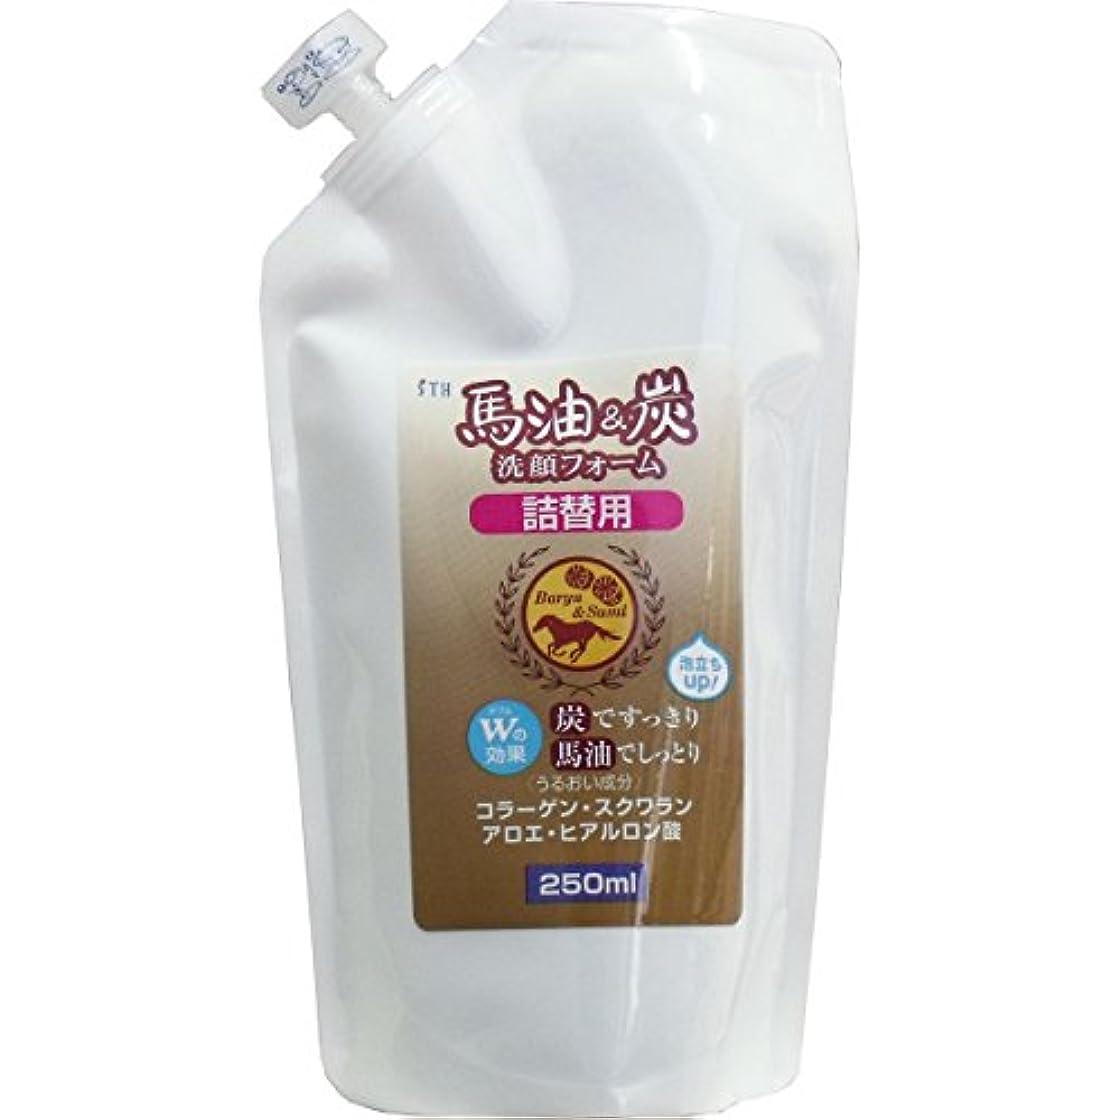 漂流ベルト純度馬油&炭 洗顔フォーム 詰替用 250ml 1個